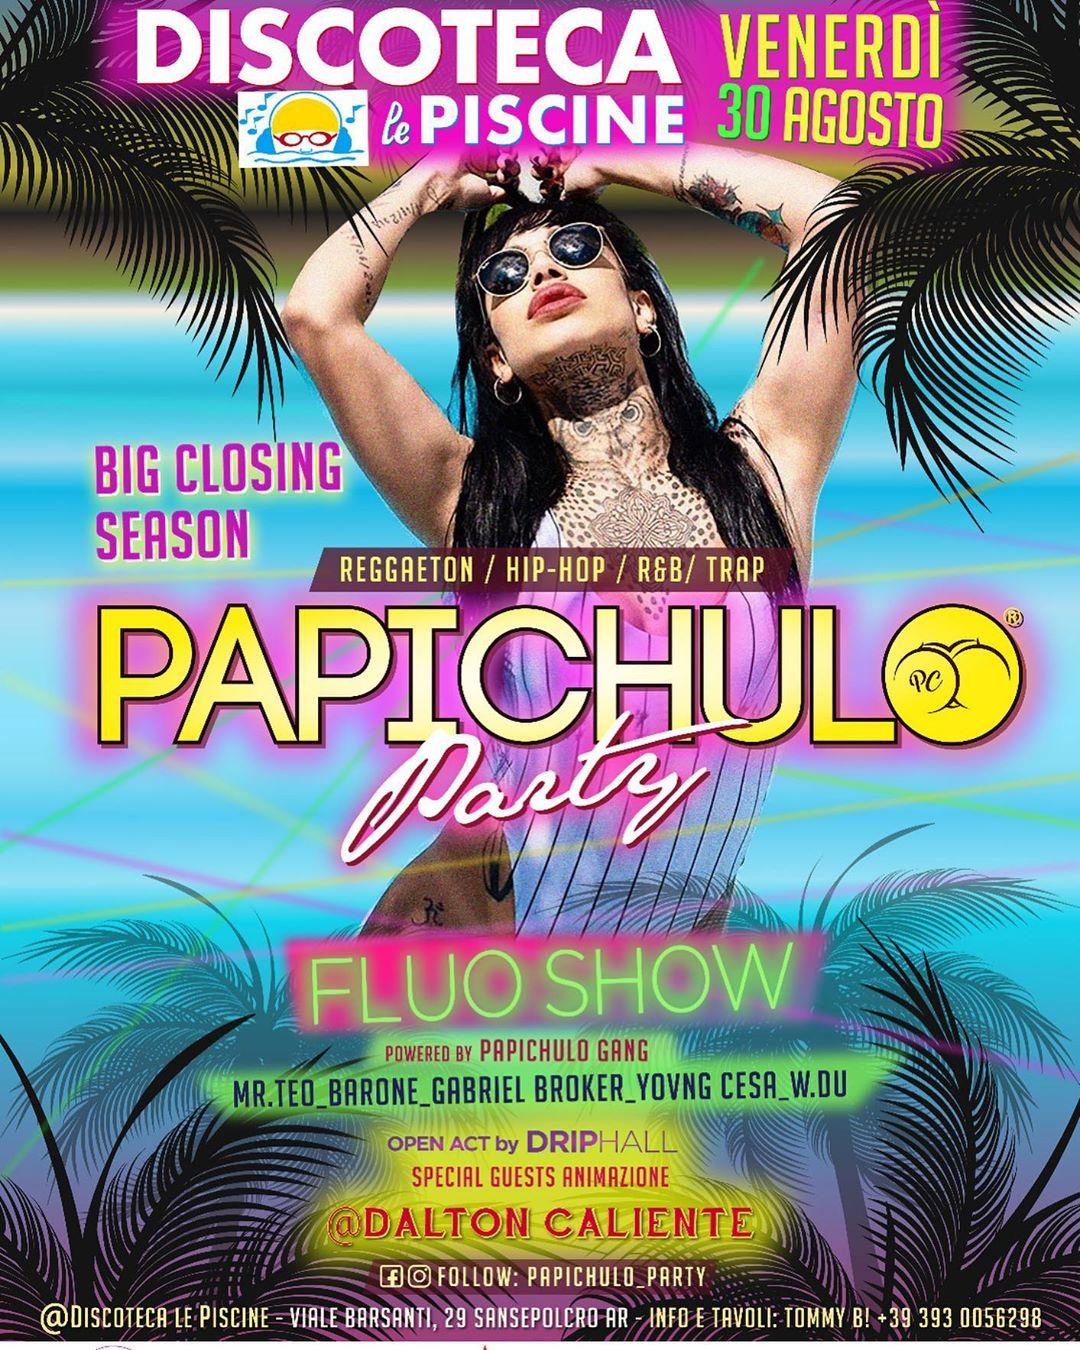 Papichulo-Fluo-Show La Discoteca